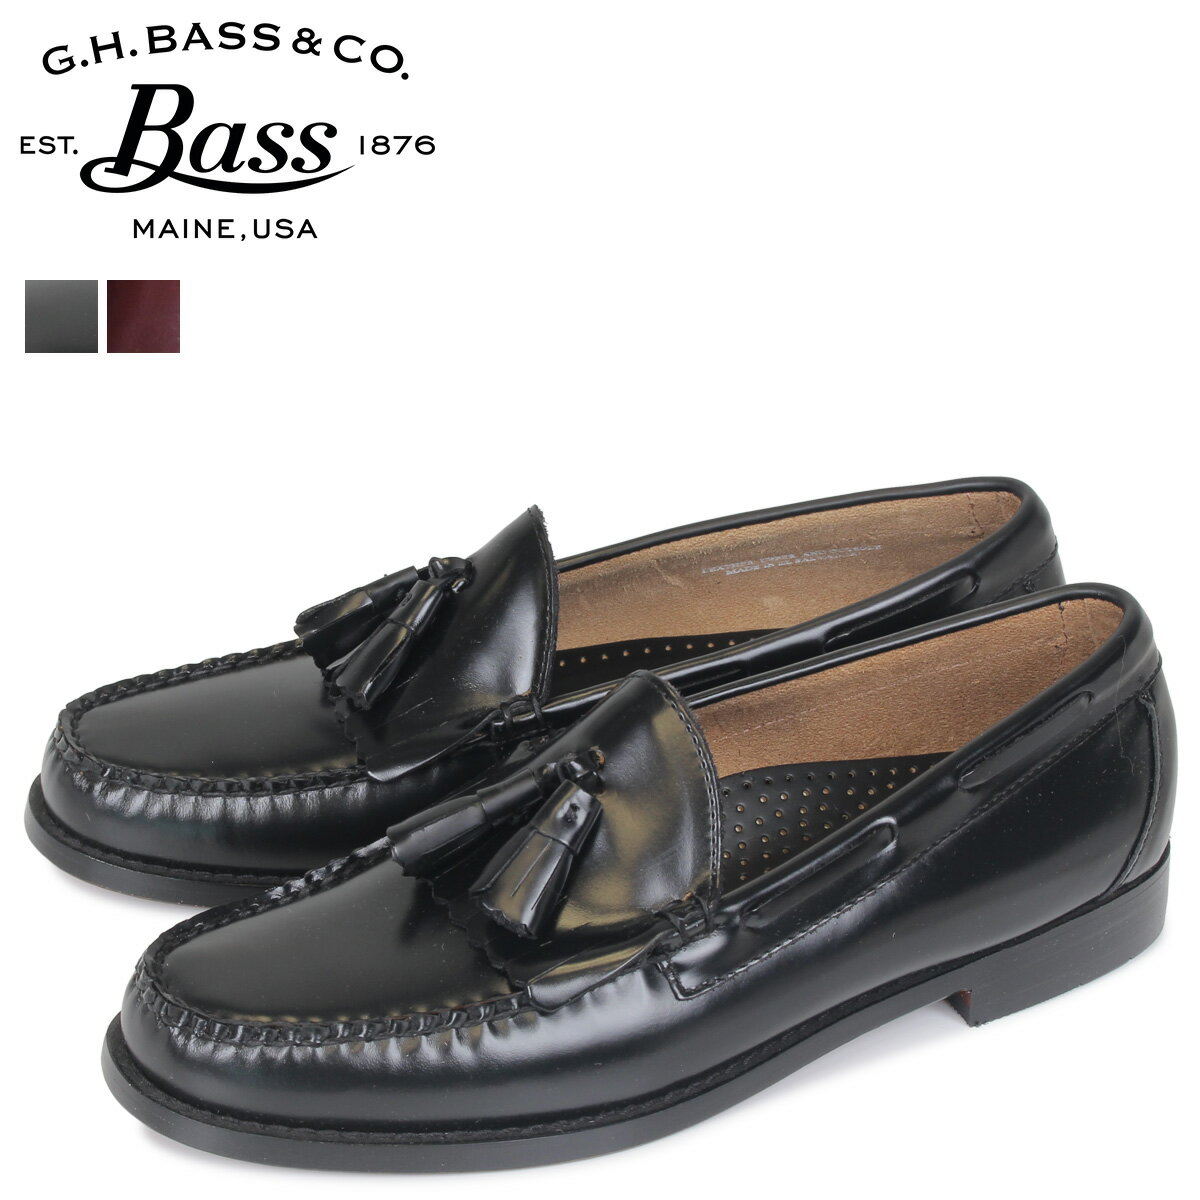 G.H. BASS ローファー ジーエイチバス メンズ LAYTON TASSEL LOAFER 70-10934 70-10939 靴 2カラー [6/6 追加入荷]